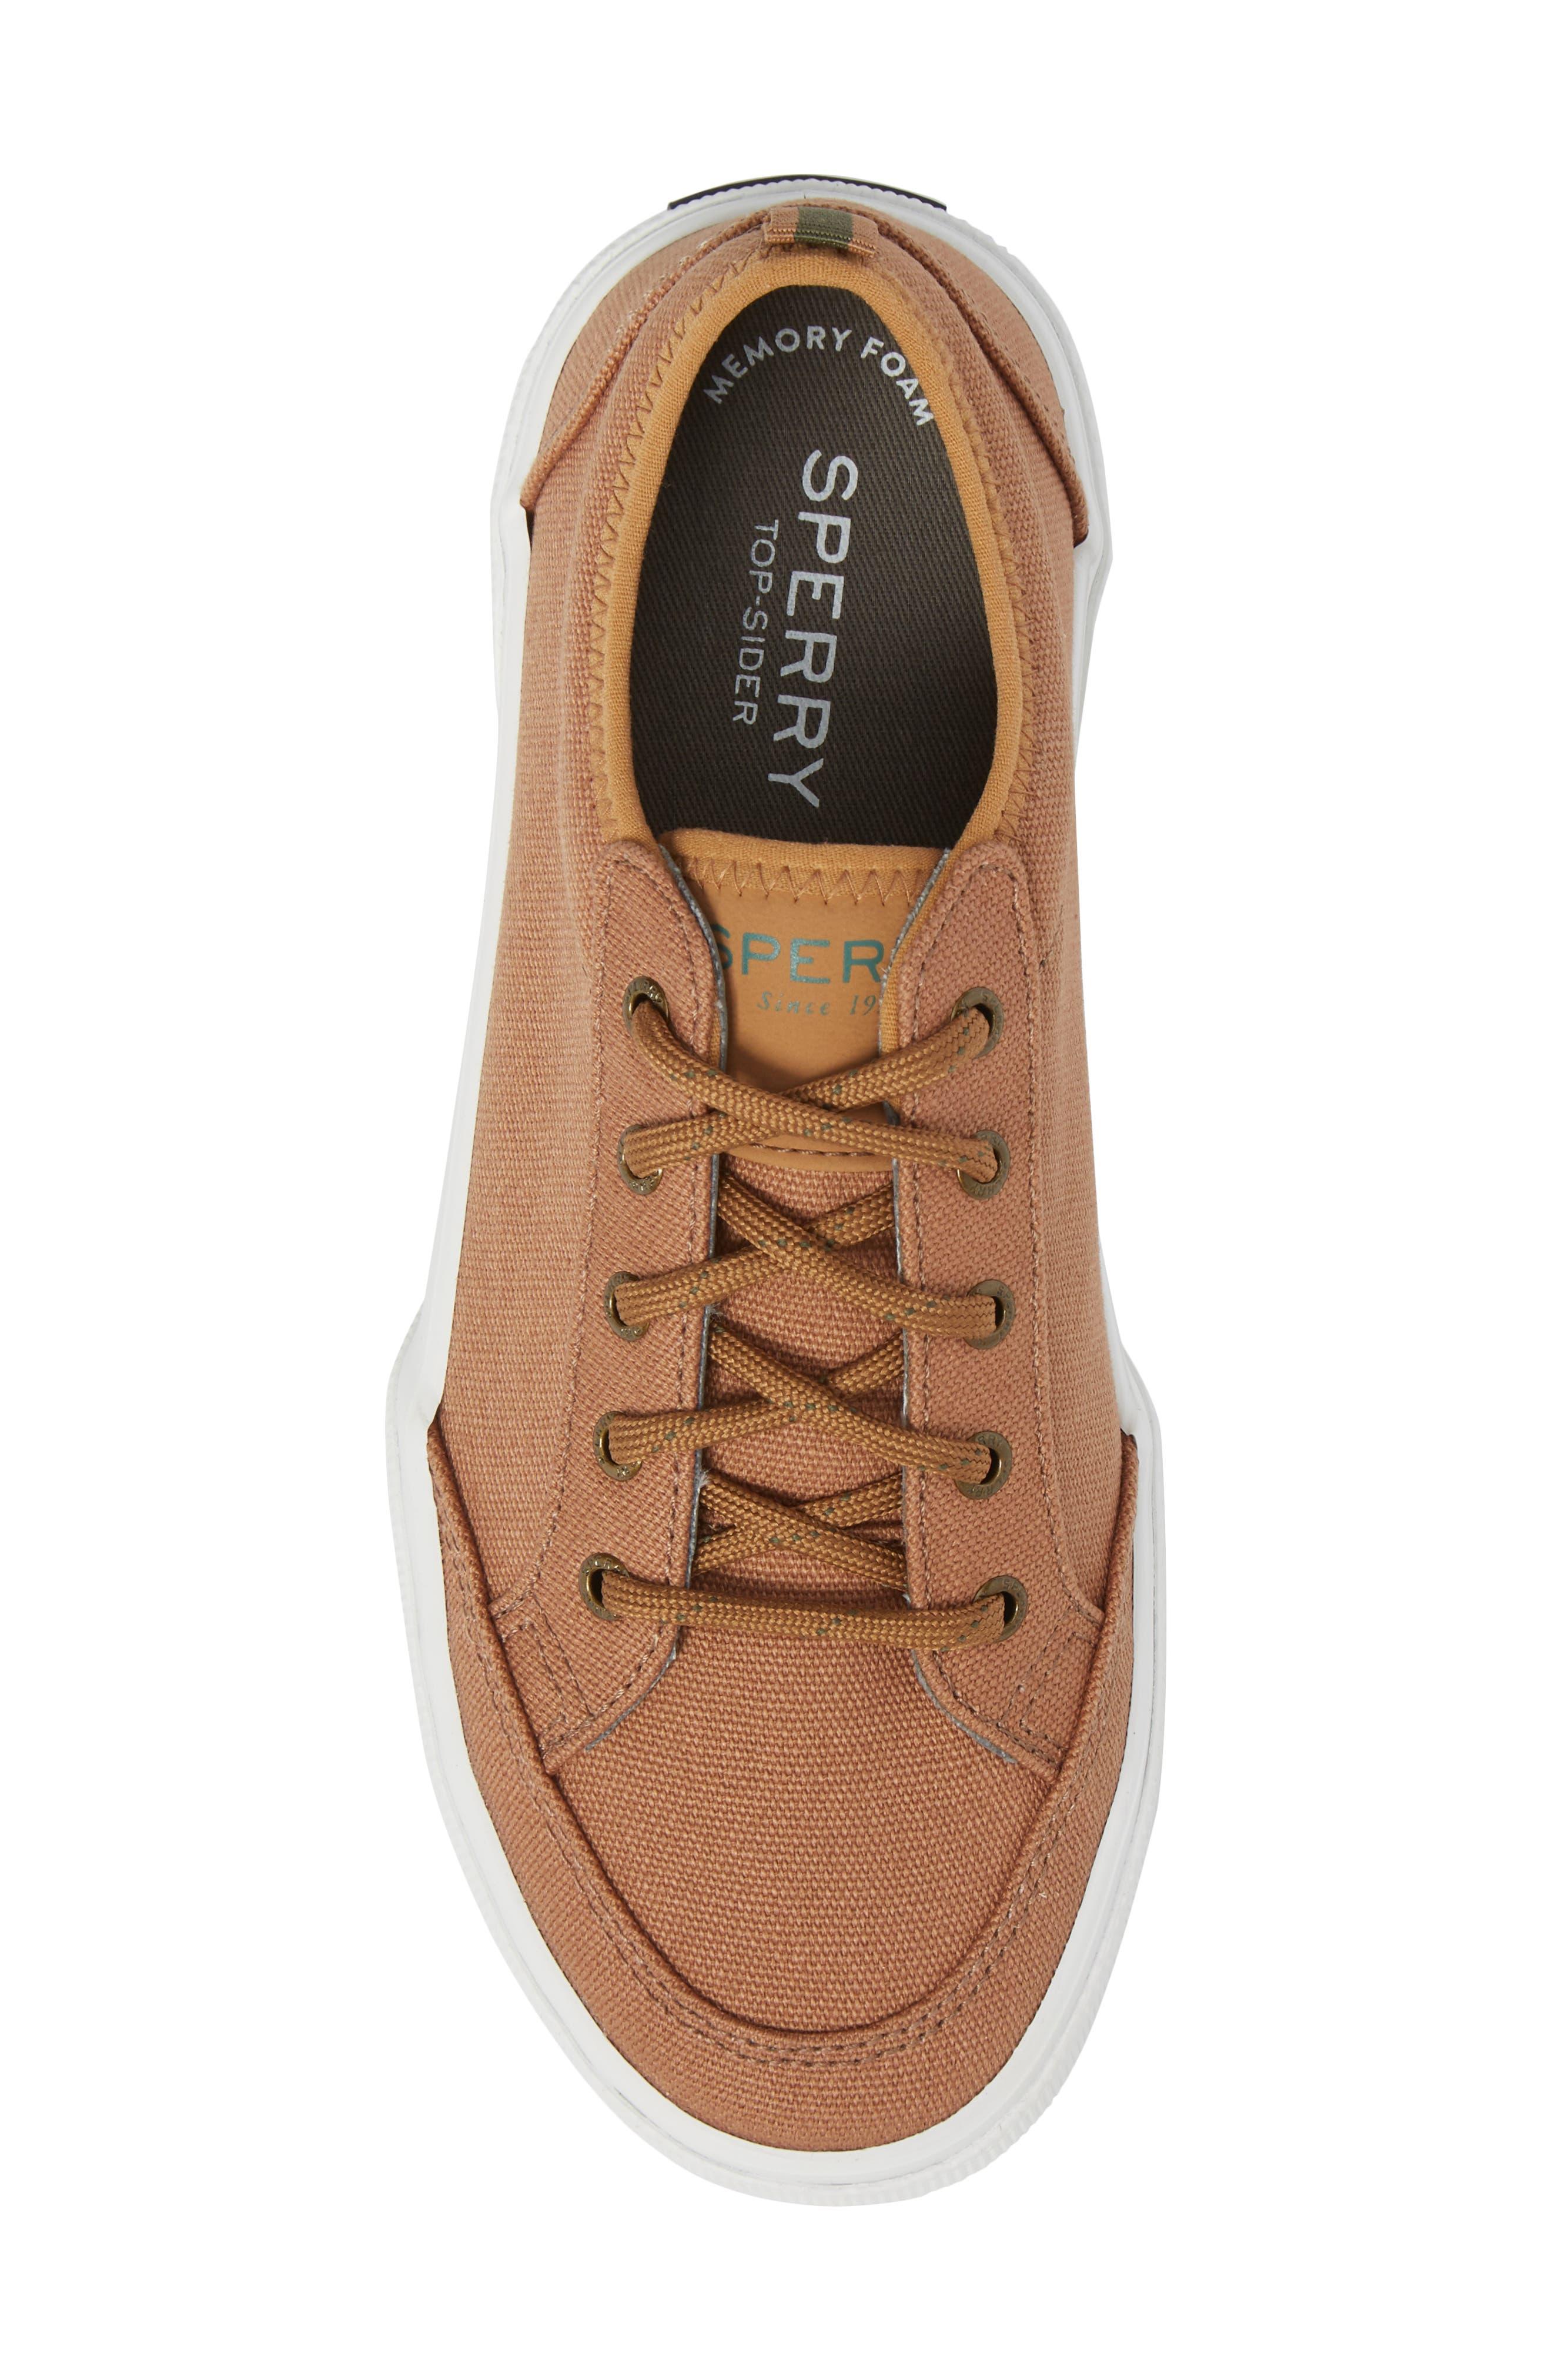 Sperry Deckfin Sneaker,                             Alternate thumbnail 5, color,                             Caramel